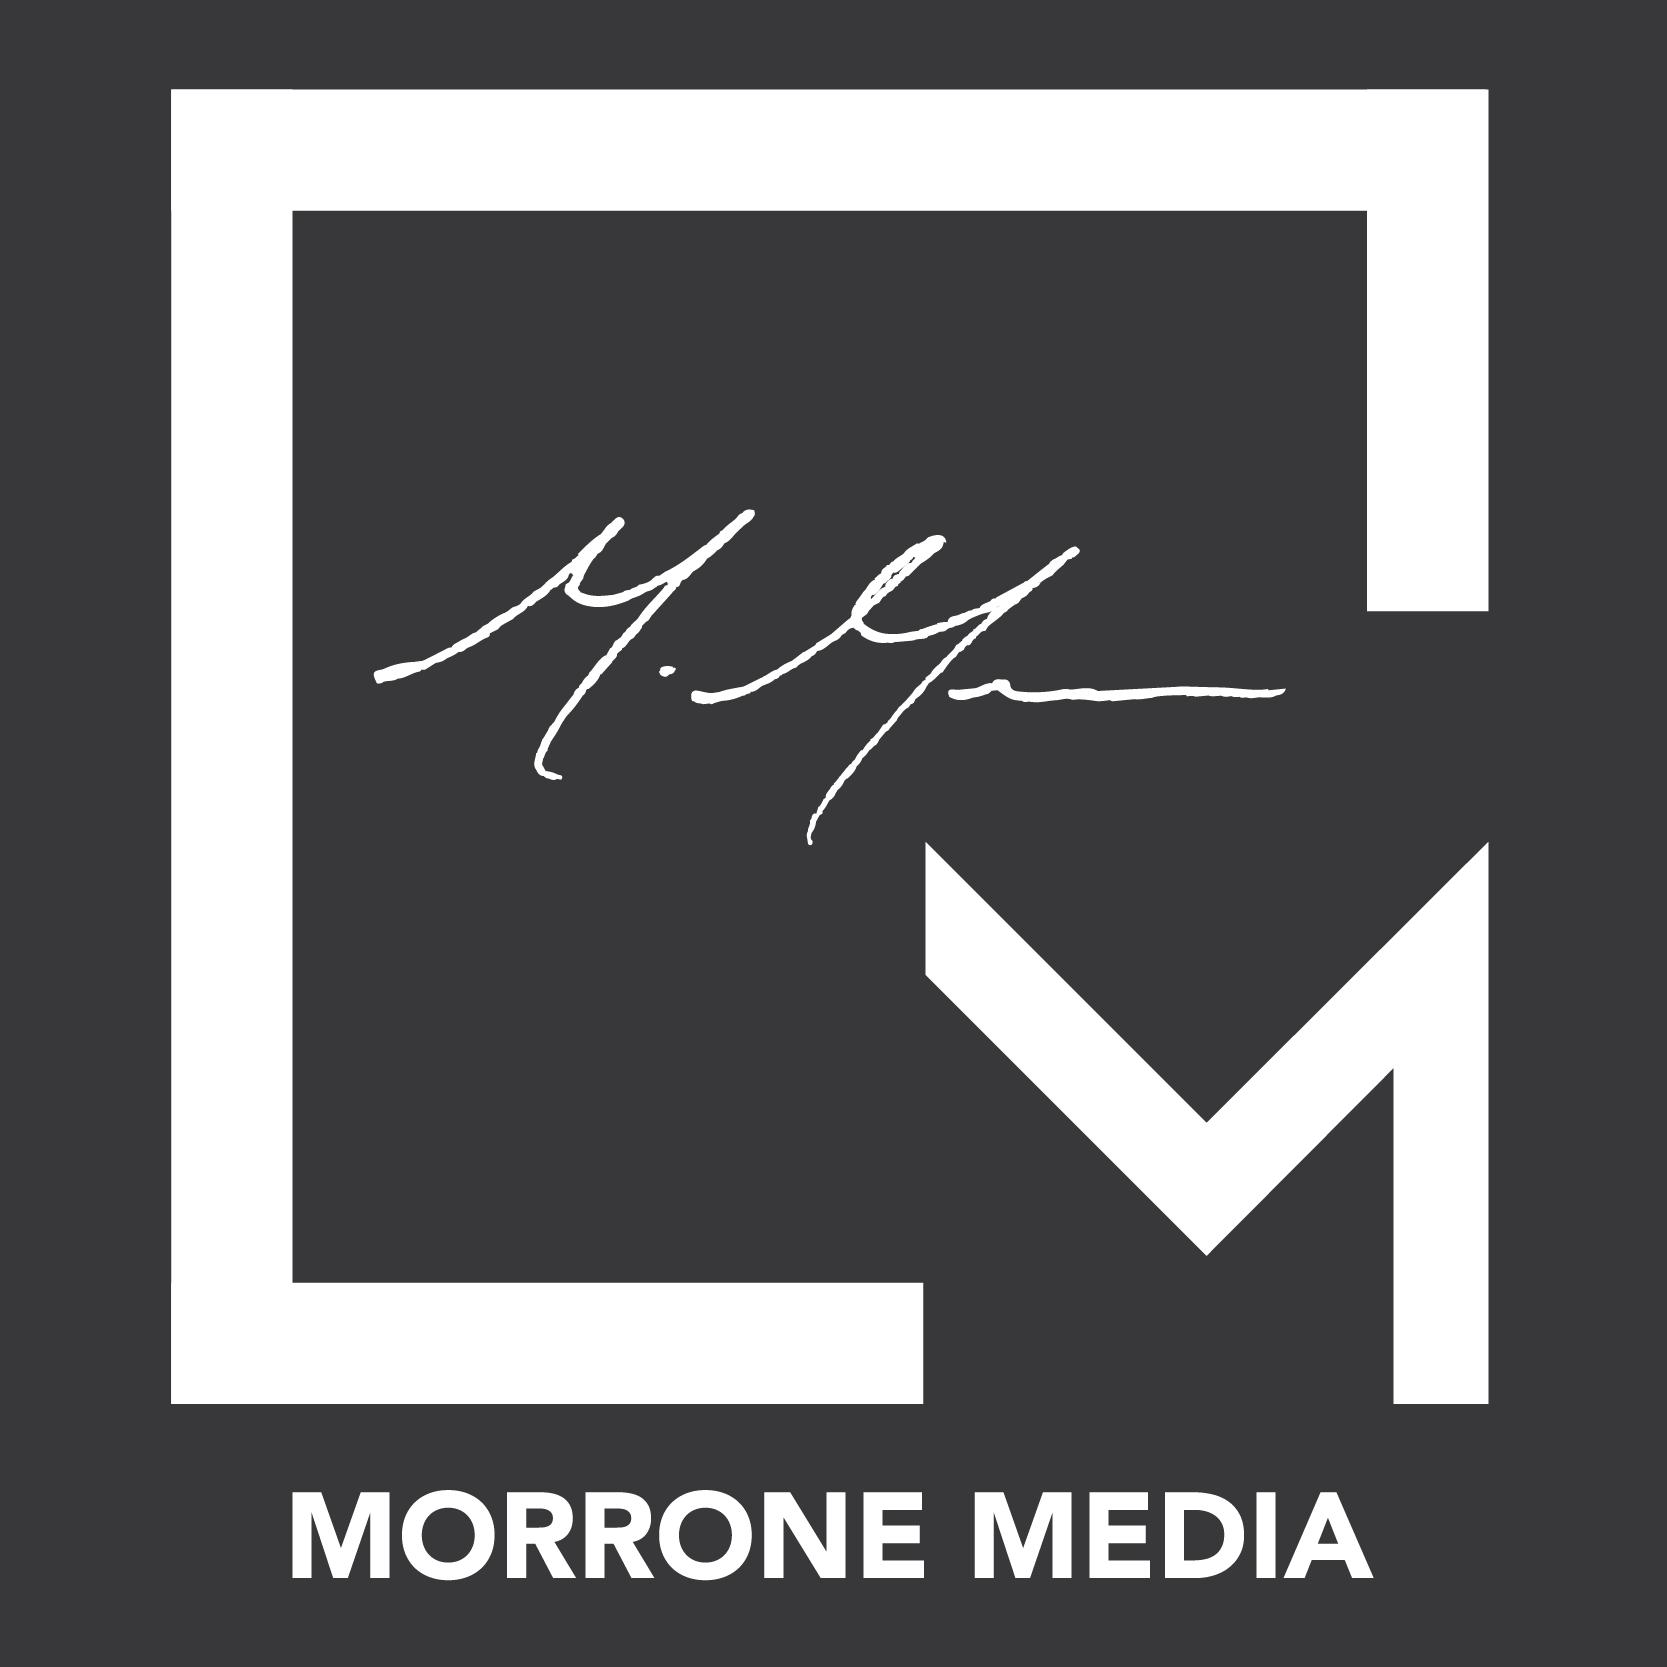 Morrone Media